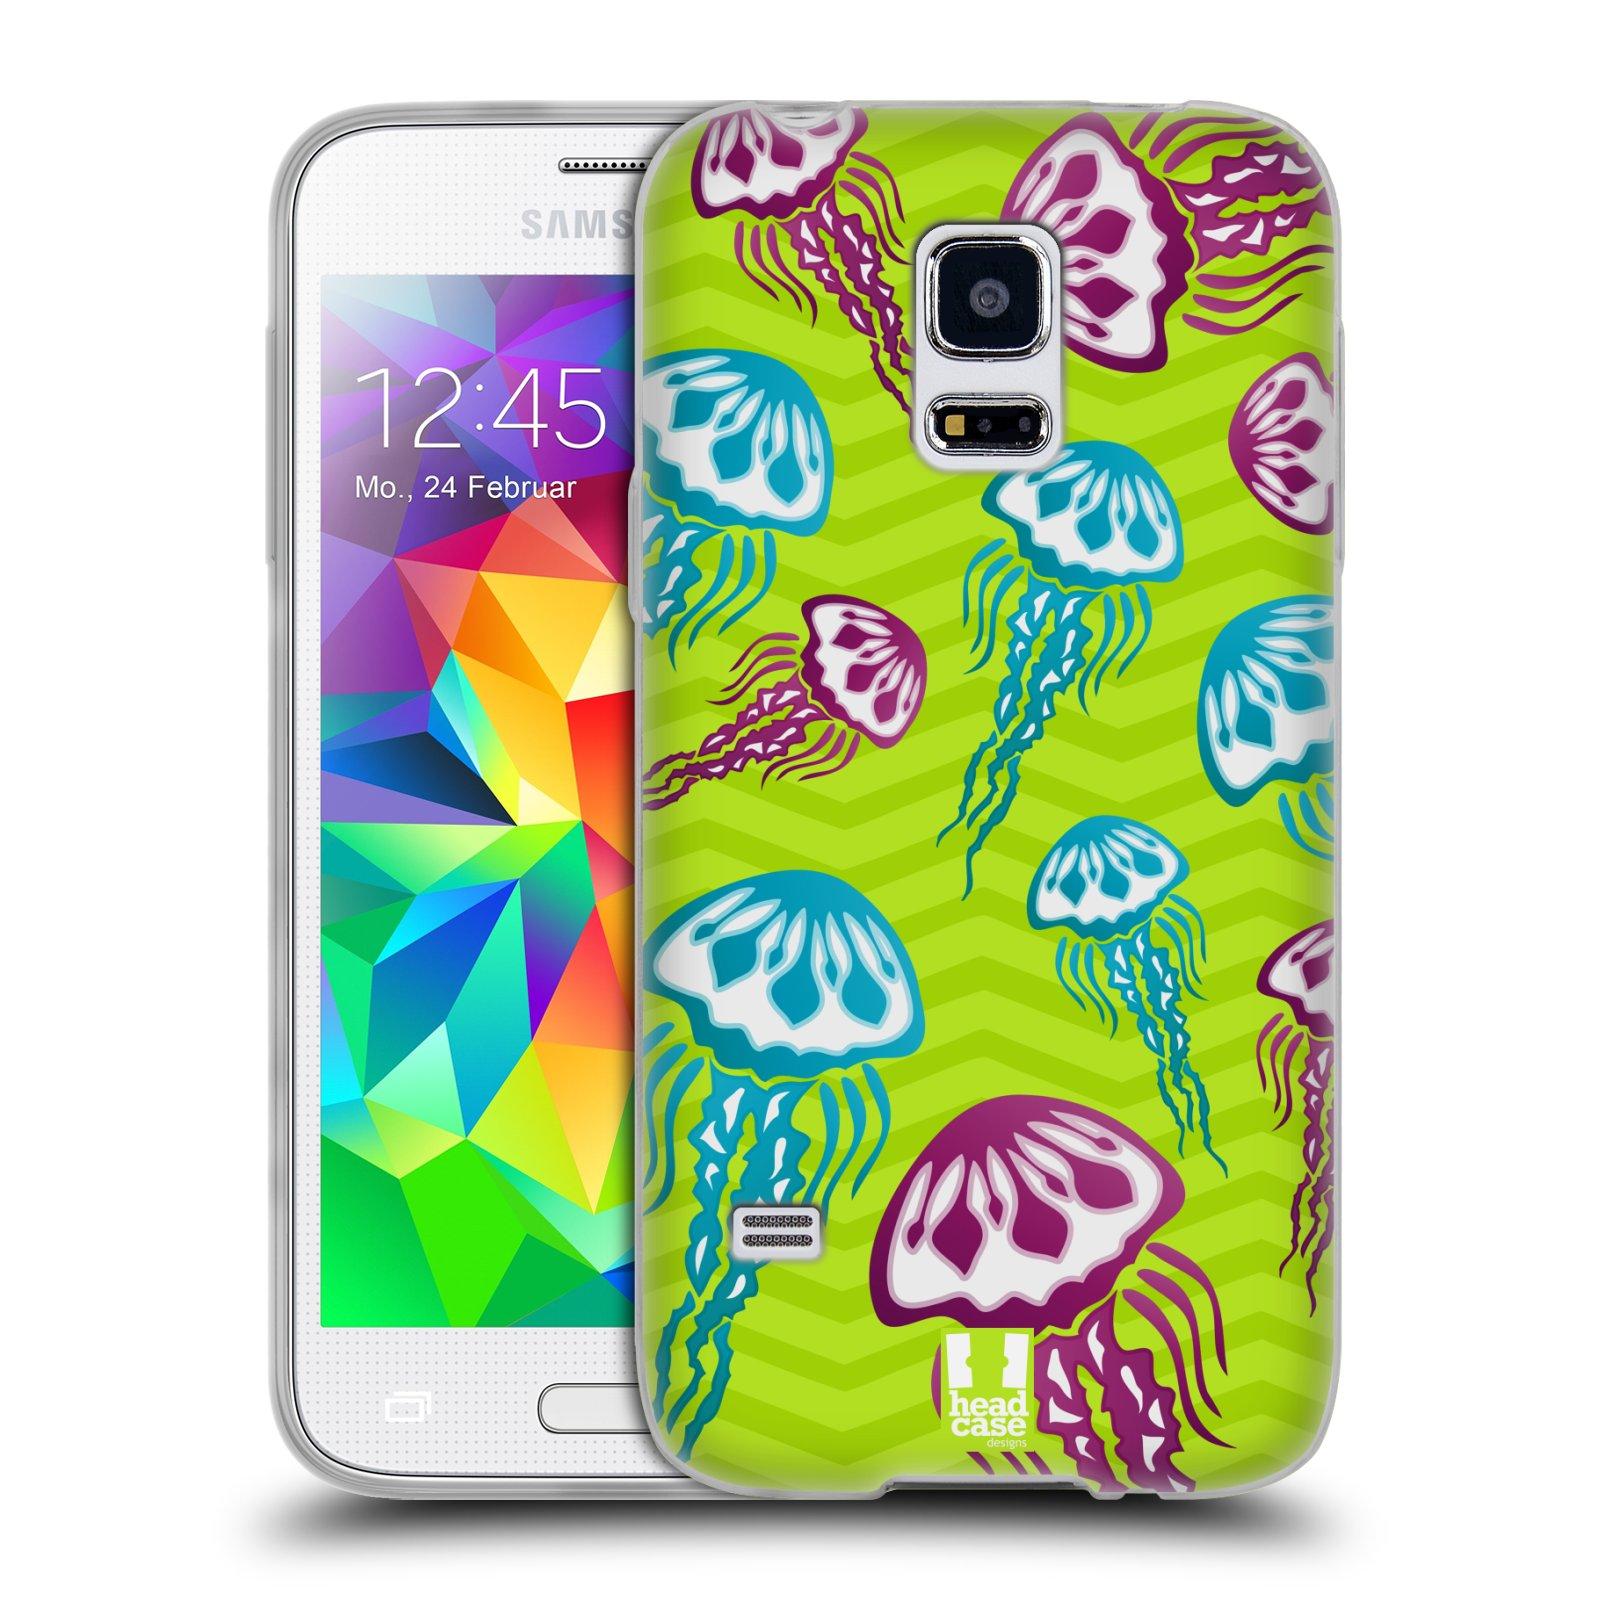 HEAD CASE silikonový obal na mobil Samsung Galaxy S5 MINI vzor mořský živočich medůza